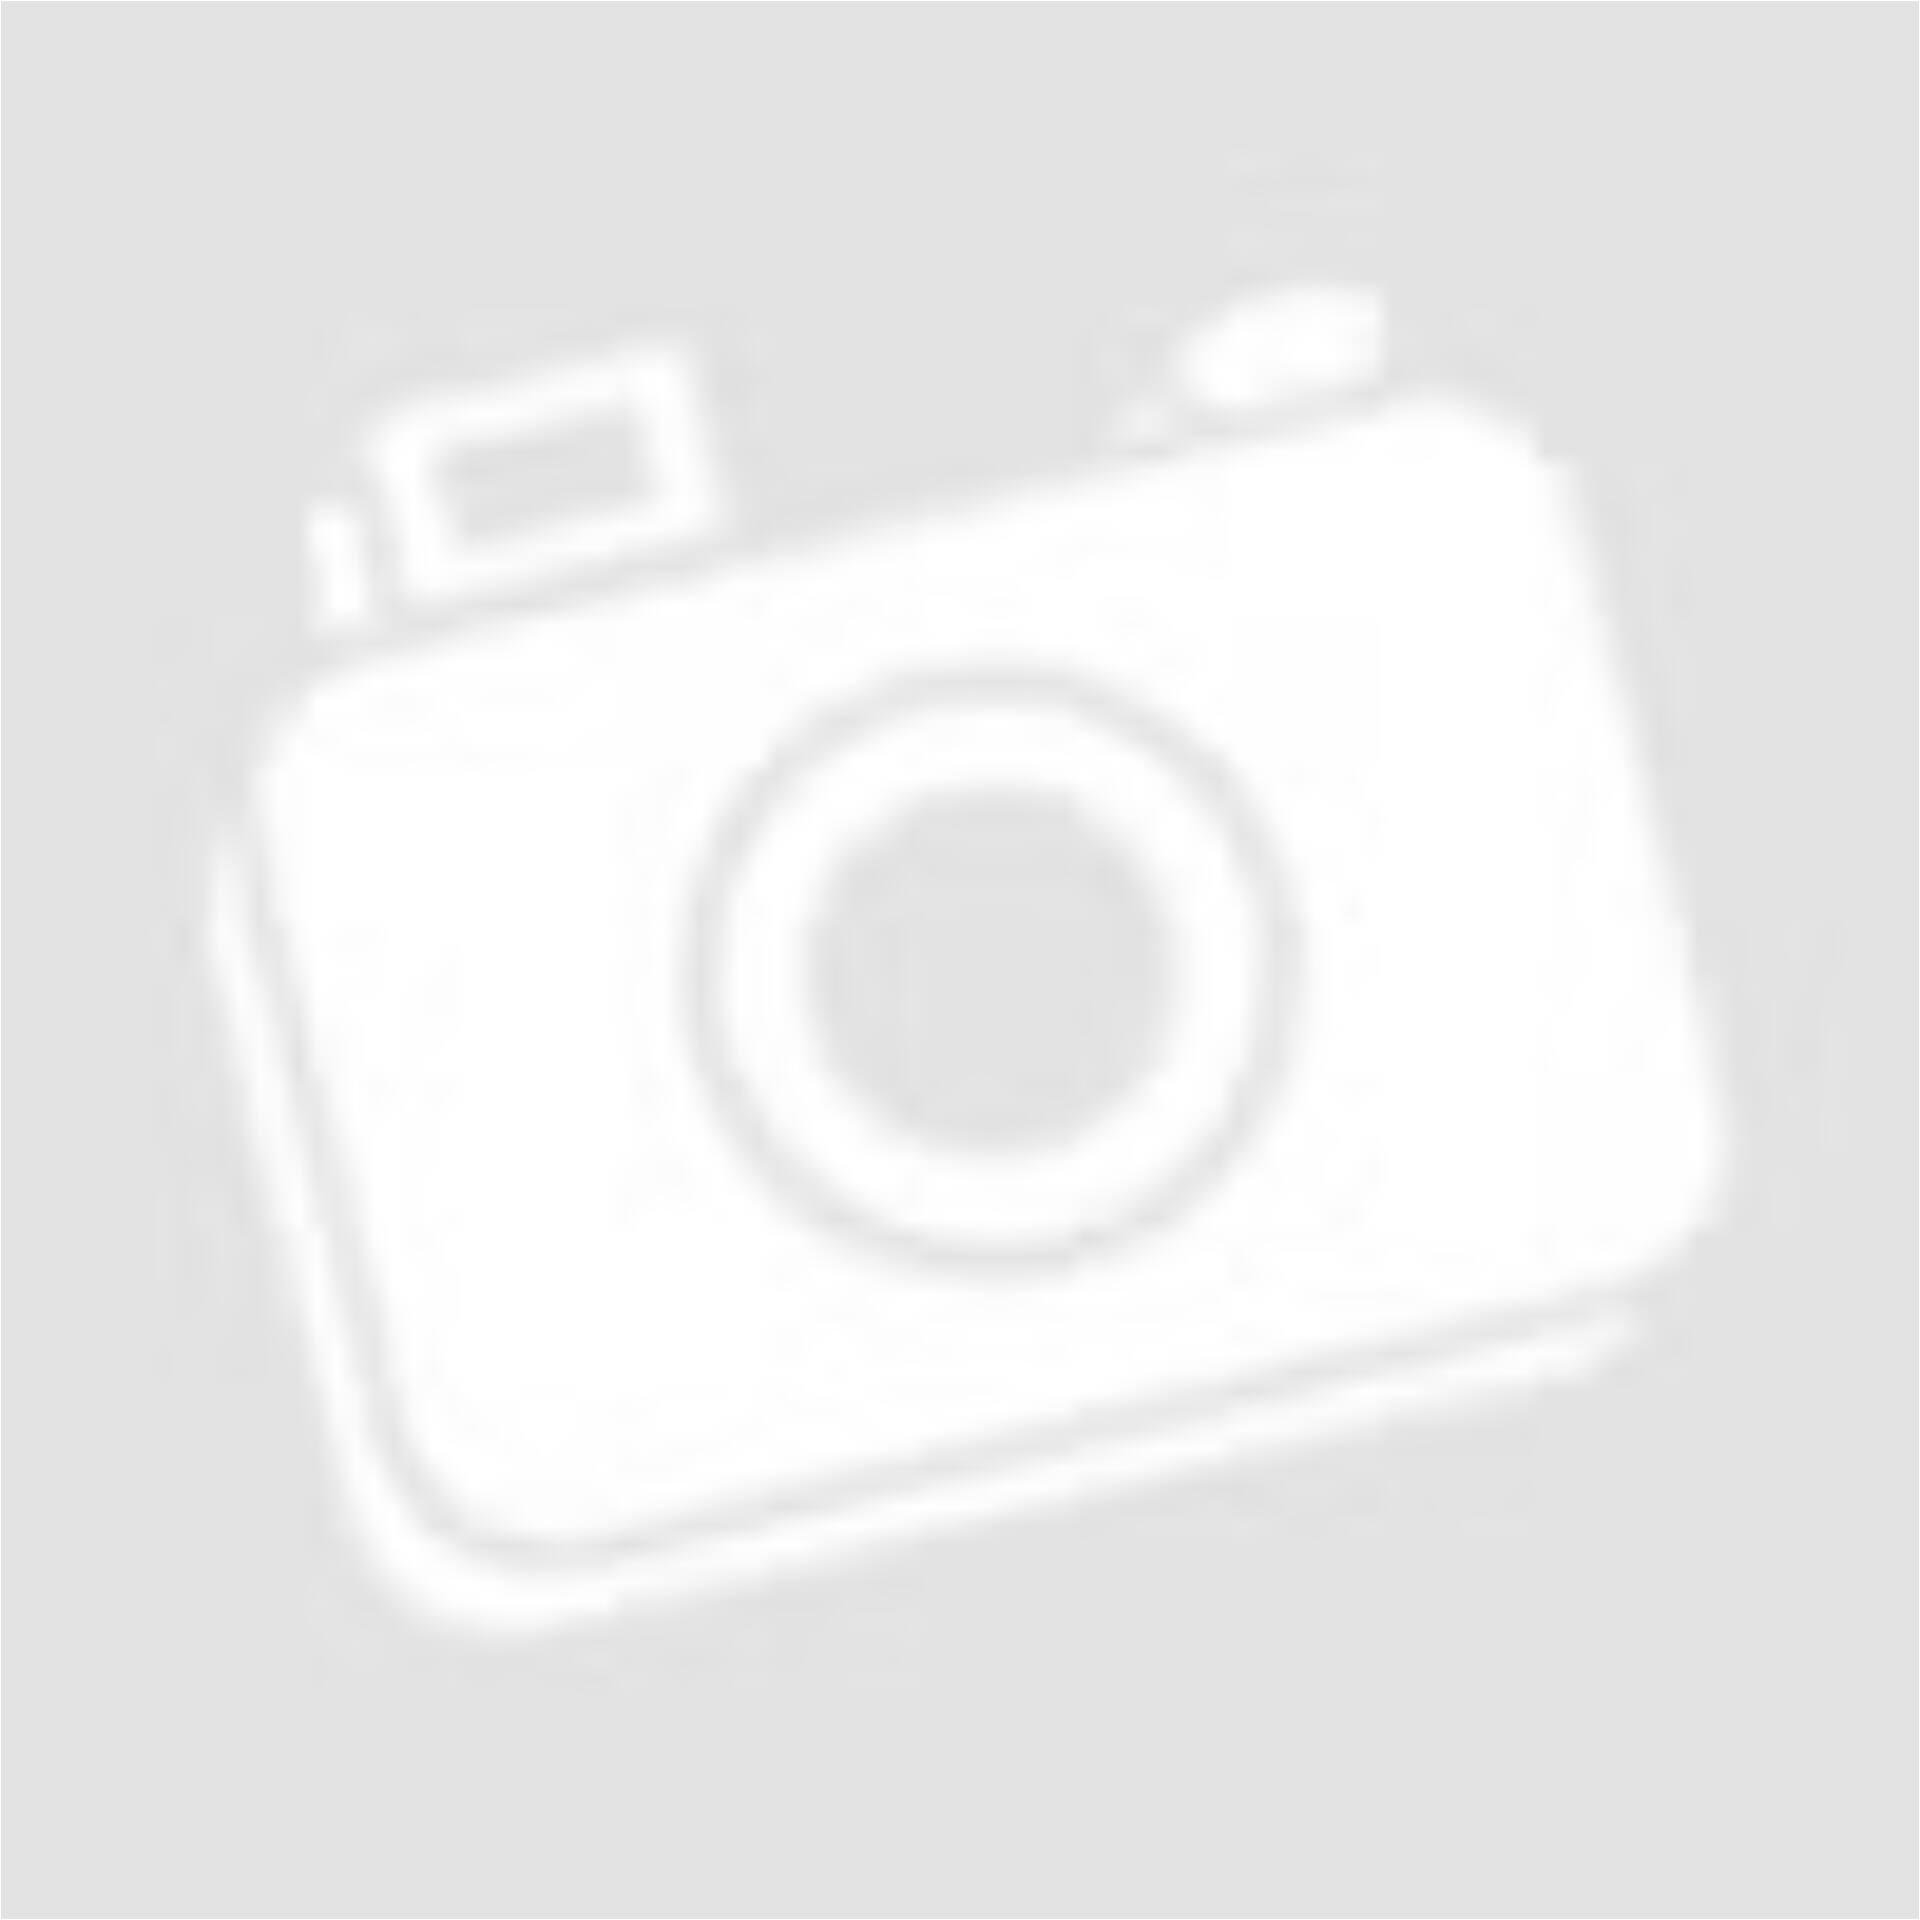 Fehér virágos New Look felső (Méret  XL) - Női ruha - Öltözz ki webáruház -  Új és Használtruha webshop 925c2285e0